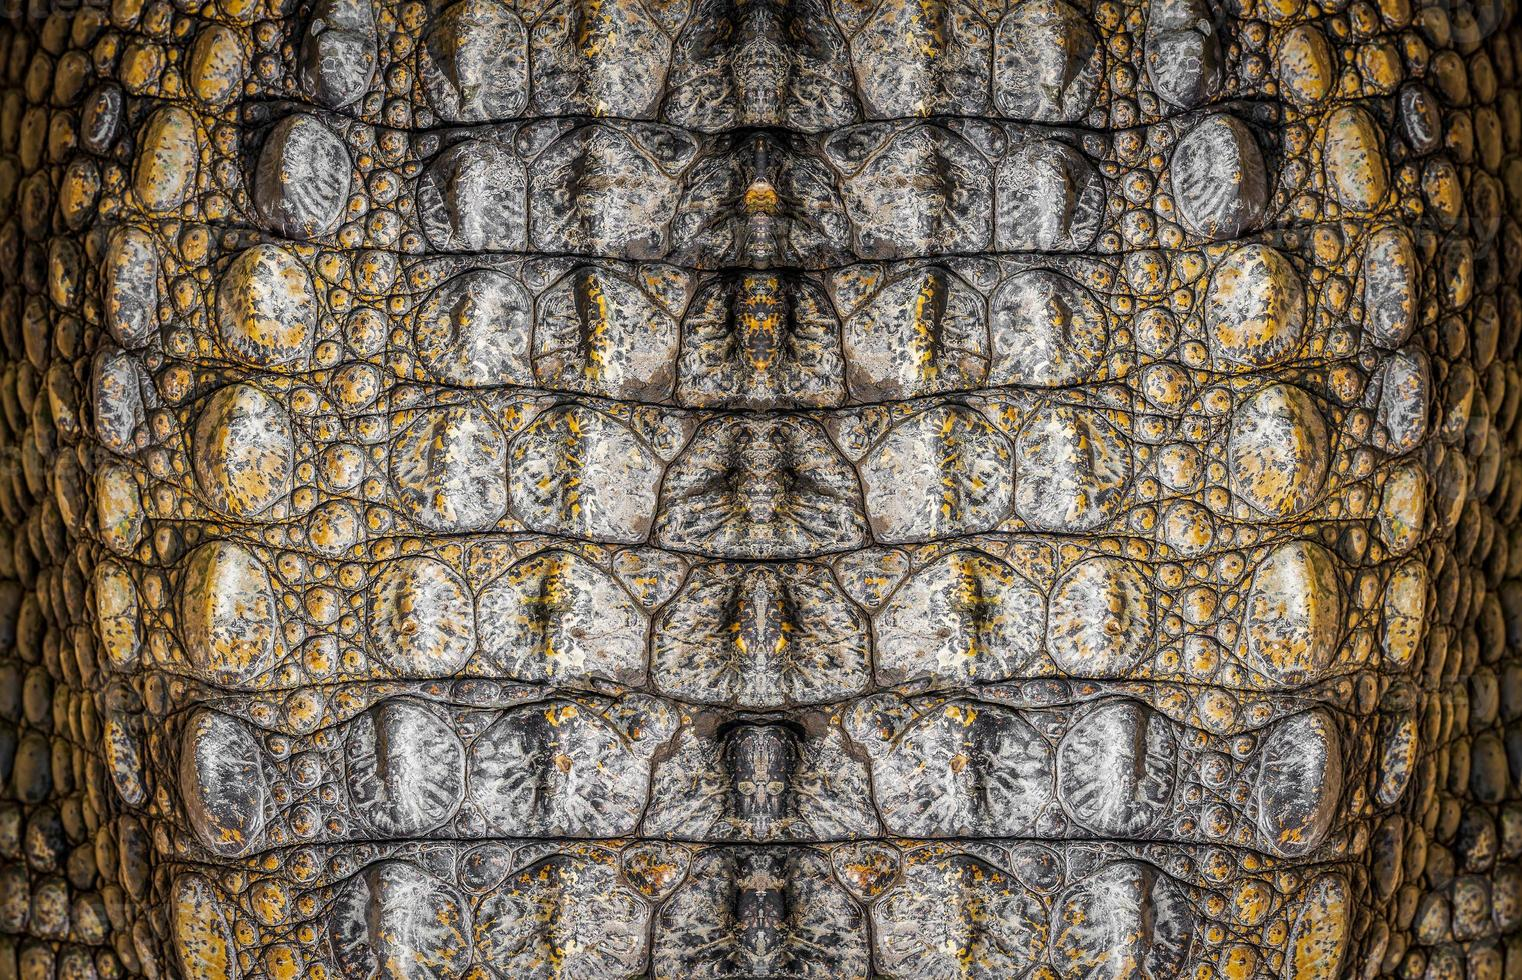 Crocodile leather photo